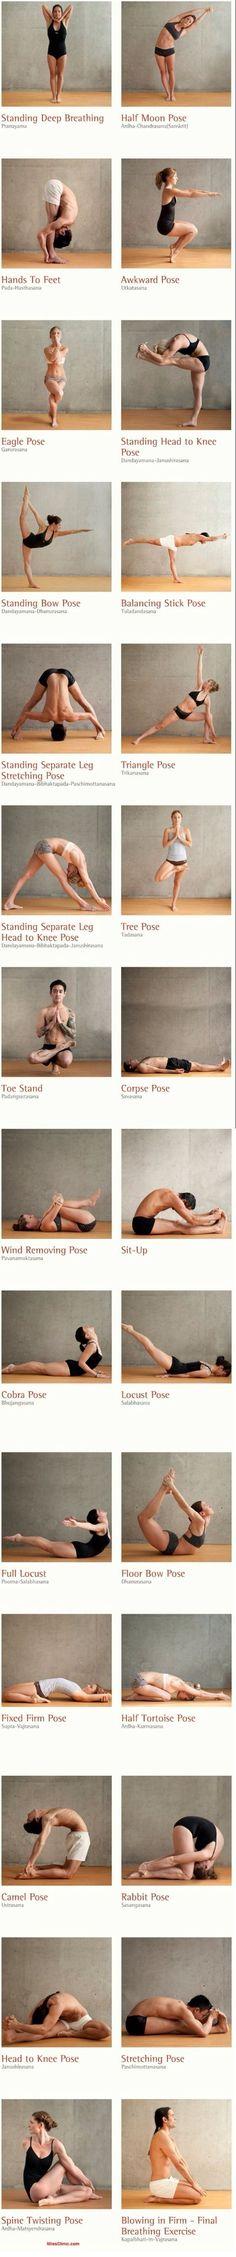 Hot yoga series!